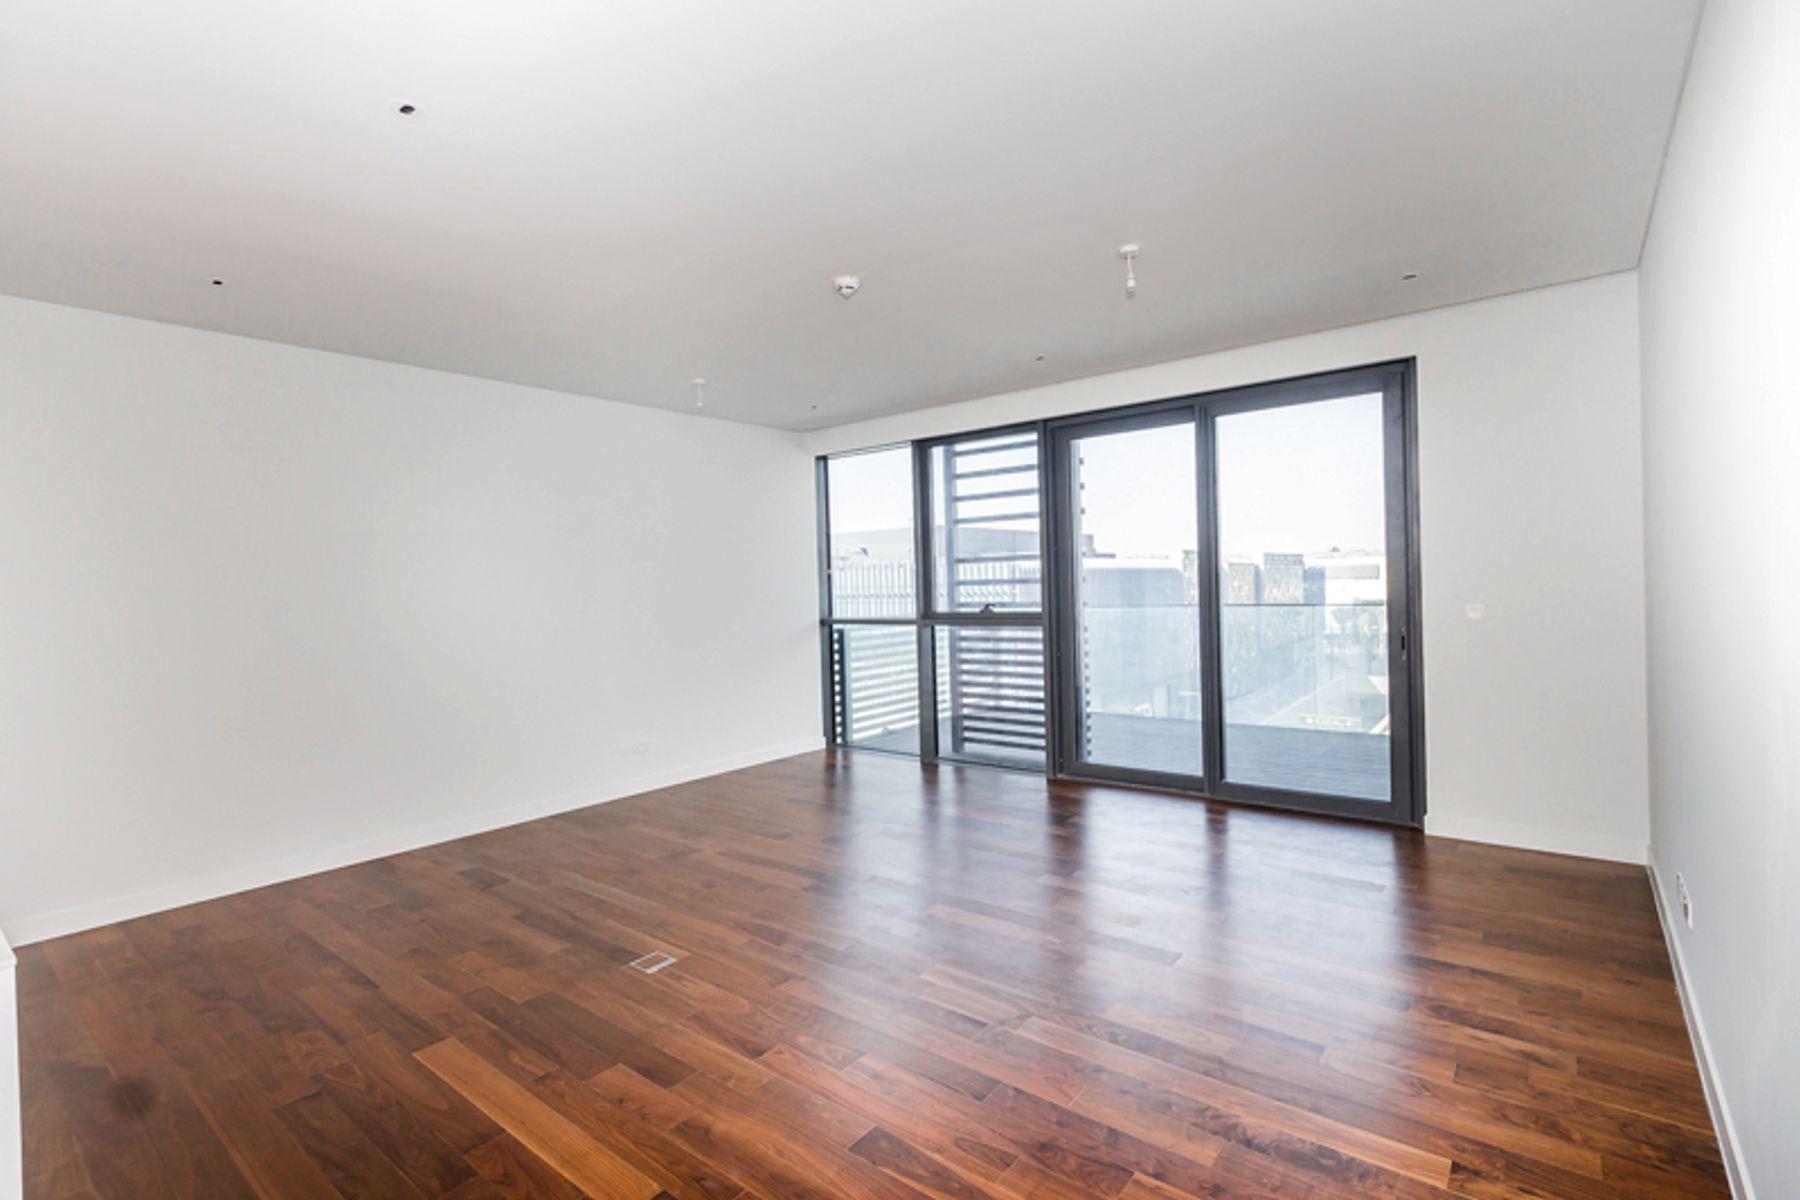 1,722 قدم مربع  شقة - للبيع - سيتي ووك